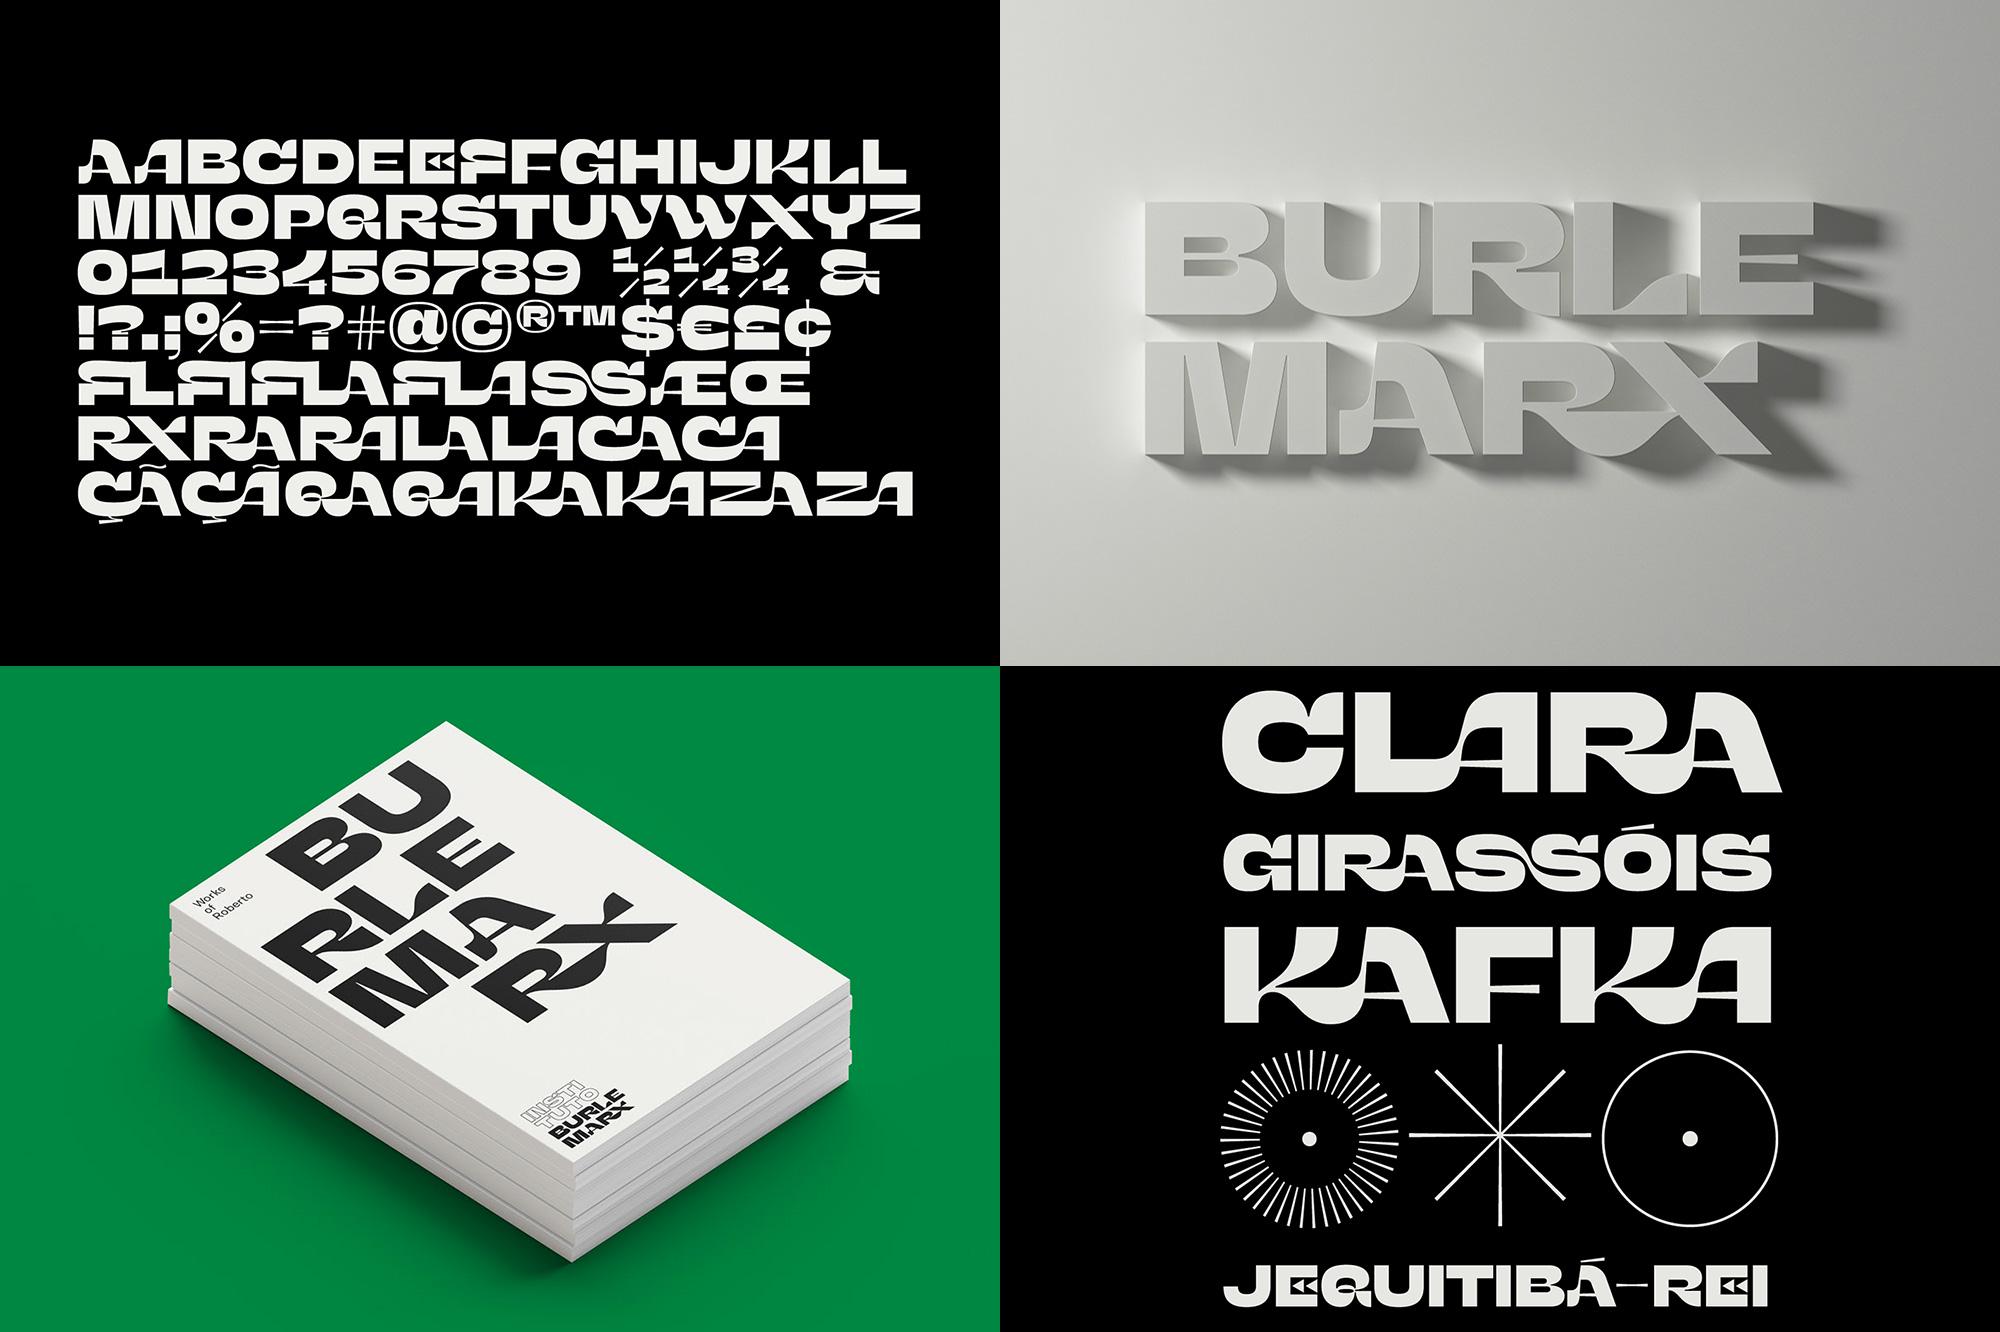 Instituto Burle Marx by Tátil Design